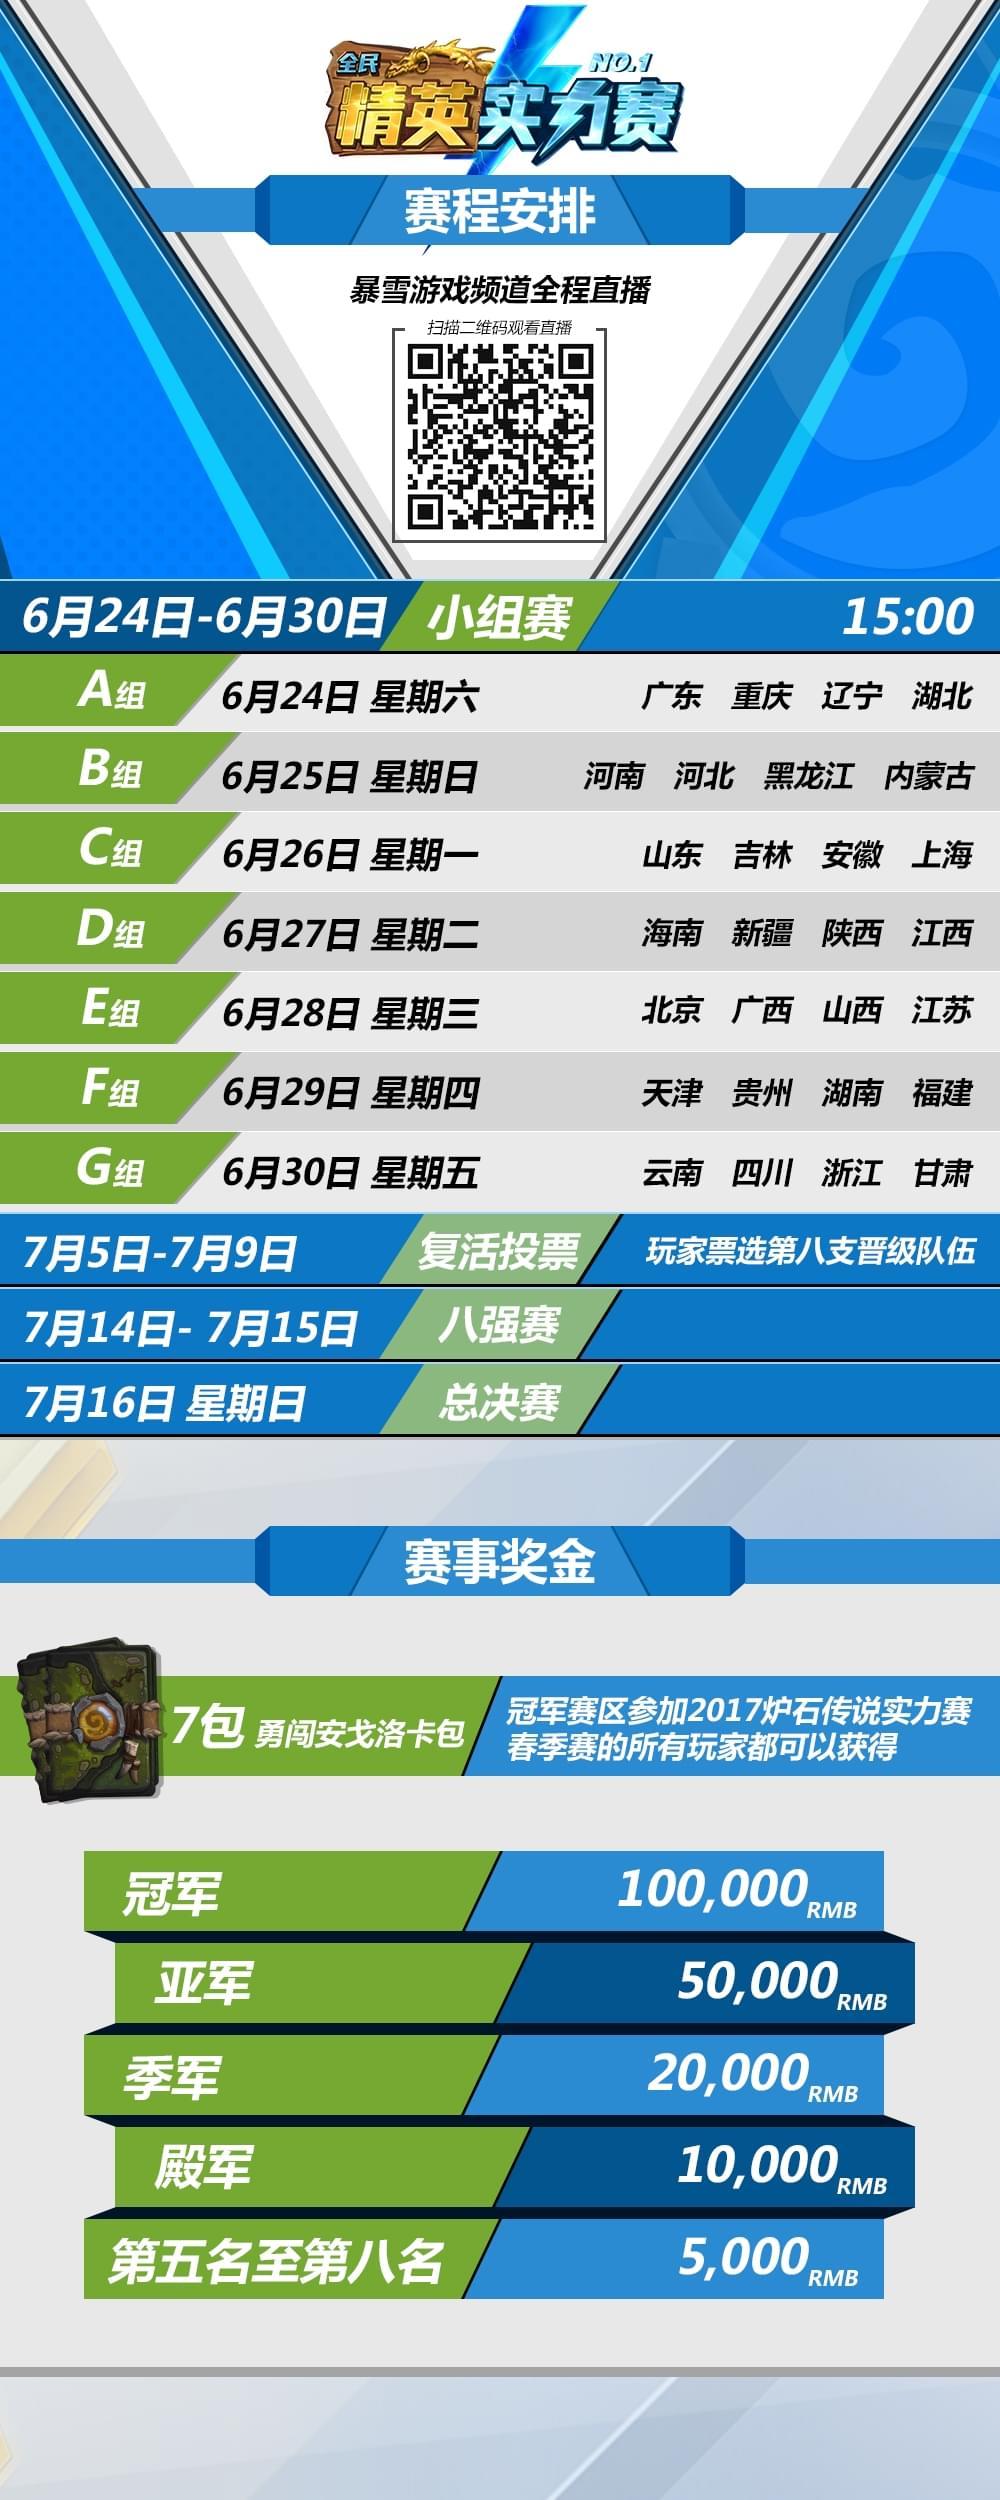 炉石实力赛6月24日开赛 28支队伍上演大逃杀